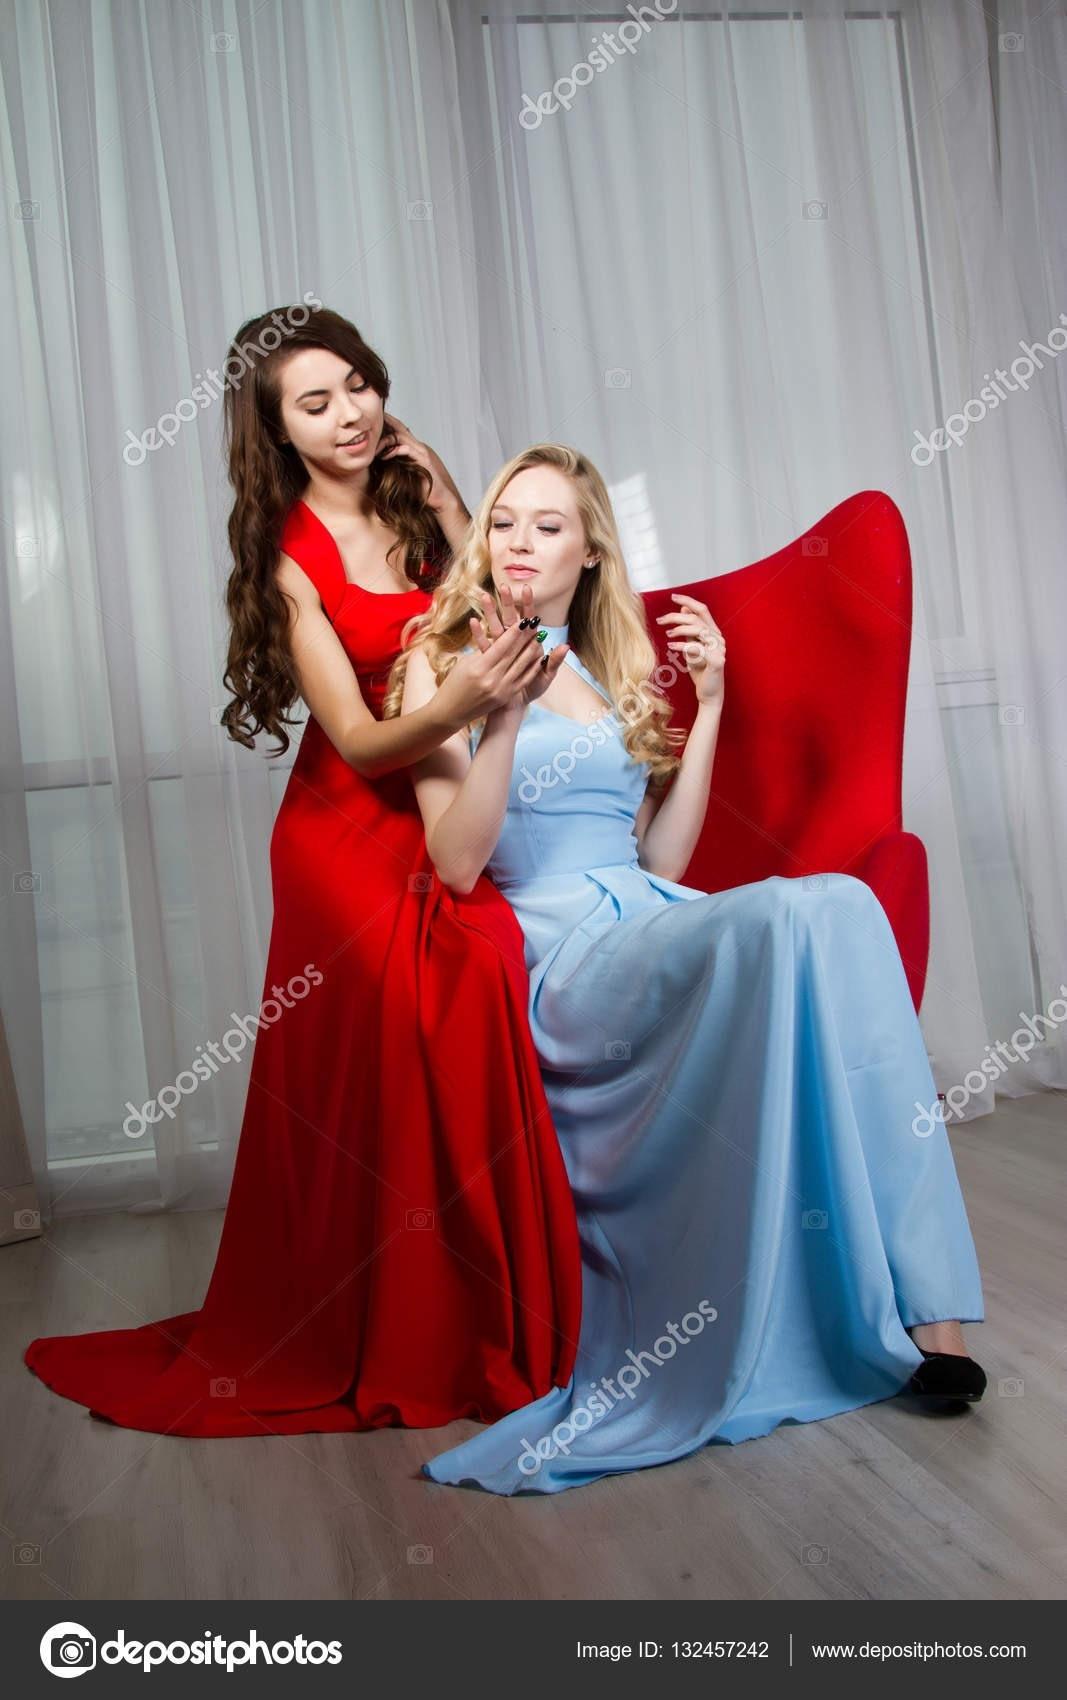 10 Einfach Abendkleider Junge Frauen Vertrieb Spektakulär Abendkleider Junge Frauen Design